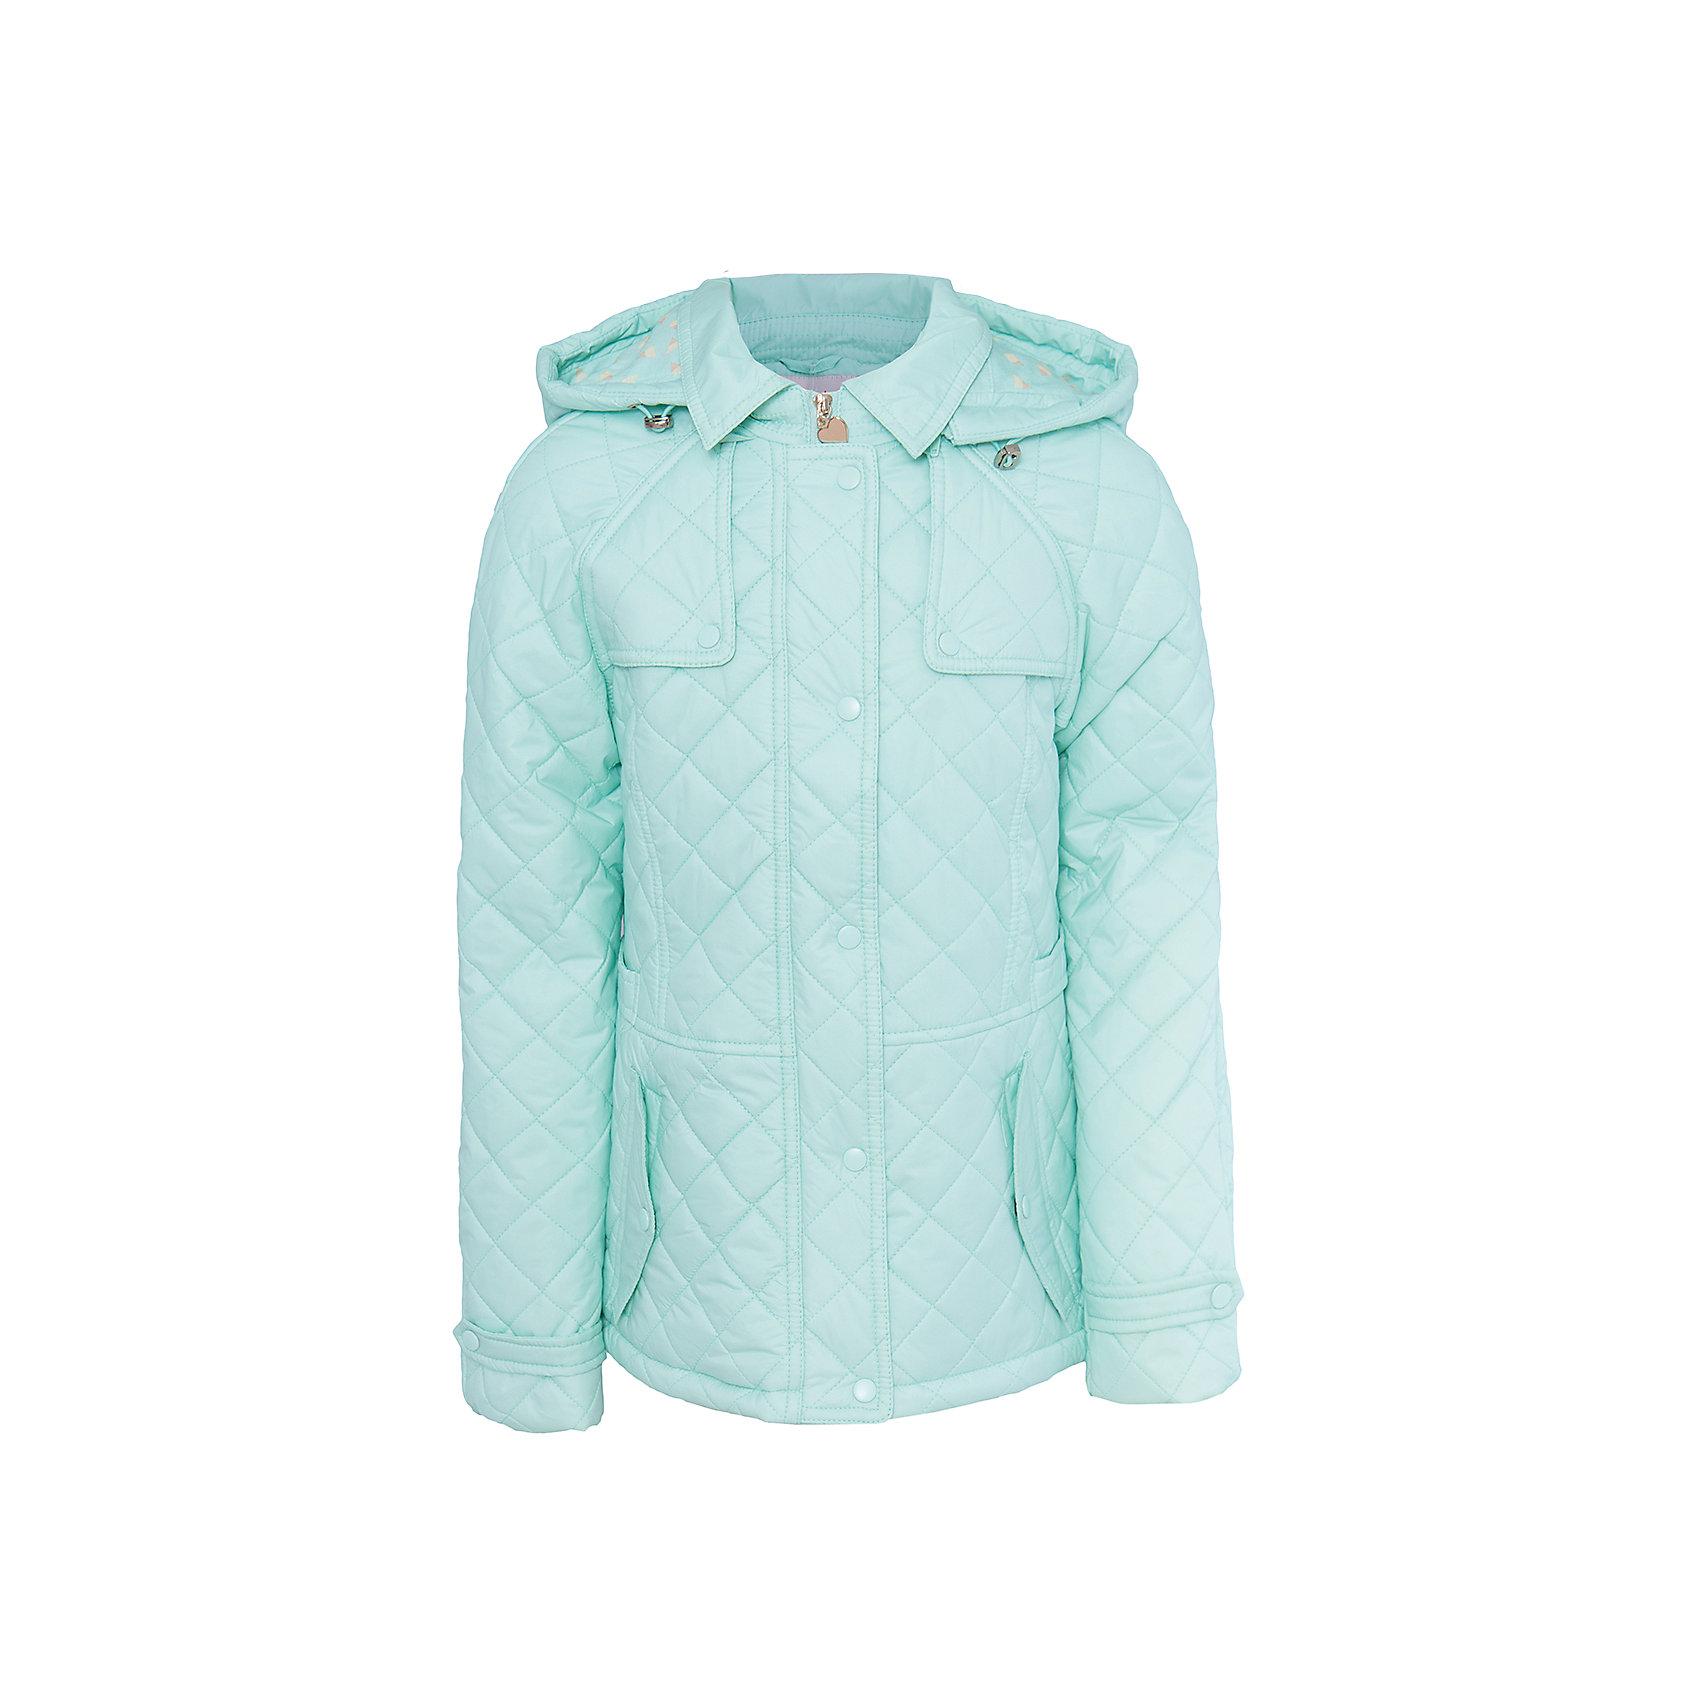 Куртка для девочки SELAВерхняя одежда<br>Характеристики товара:<br><br>• цвет: зеленый<br>• состав: 100% ПА; подкладка: 90% ПЭ, 10% хлопок; подкладка рукава: 100% ПЭ; утеплитель: 100% ПЭ<br>• температурный режим: от +5°до +15°С<br>• демисезон<br>• силуэт полуприлегающий<br>• отложной воротник<br>• молния<br>• планка от ветра<br>• стеганая<br>• съёмный капюшон дополнен кулиской<br>• два кармана на кнопках<br>• коллекция весна-лето 2017<br>• страна бренда: Российская Федерация<br>• страна изготовитель: Китай<br><br>Вещи из новой коллекции SELA продолжают радовать удобством! Легкая куртка для девочки поможет разнообразить гардероб ребенка и обеспечить комфорт. Она отлично сочетается с юбками и брюками. Очень стильно смотрится!<br><br>Одежда, обувь и аксессуары от российского бренда SELA не зря пользуются большой популярностью у детей и взрослых! Модели этой марки - стильные и удобные, цена при этом неизменно остается доступной. Для их производства используются только безопасные, качественные материалы и фурнитура. Новая коллекция поддерживает хорошие традиции бренда! <br><br>Куртку для девочки от популярного бренда SELA (СЕЛА) можно купить в нашем интернет-магазине.<br><br>Ширина мм: 356<br>Глубина мм: 10<br>Высота мм: 245<br>Вес г: 519<br>Цвет: зеленый<br>Возраст от месяцев: 84<br>Возраст до месяцев: 96<br>Пол: Женский<br>Возраст: Детский<br>Размер: 128,140,152,116<br>SKU: 5305173